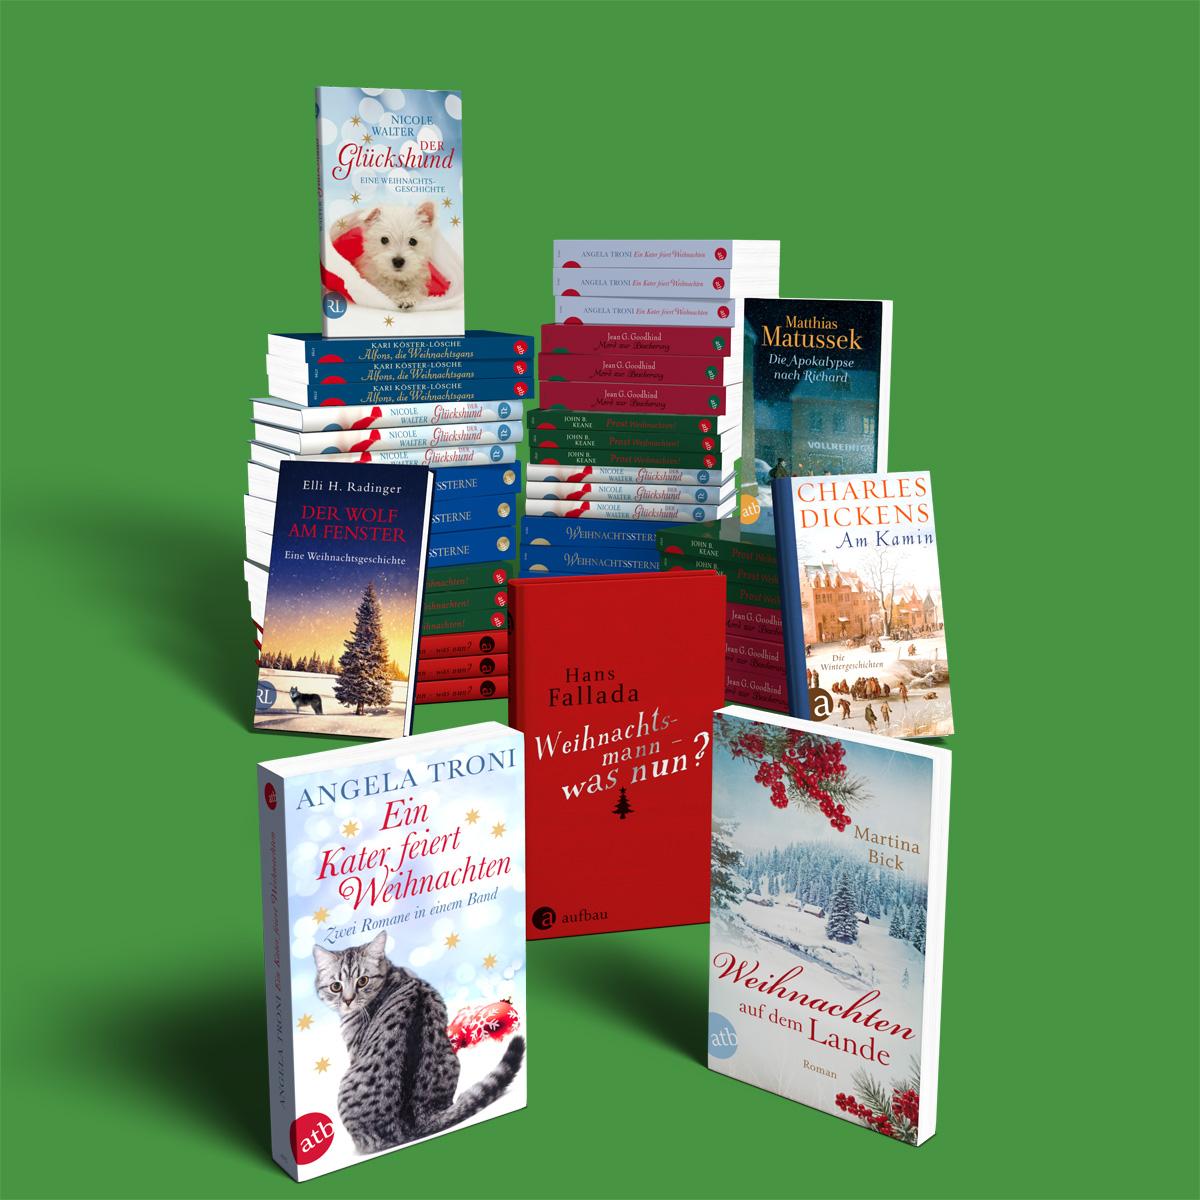 3D Bücher Arrangement (Aufbau Verlag)